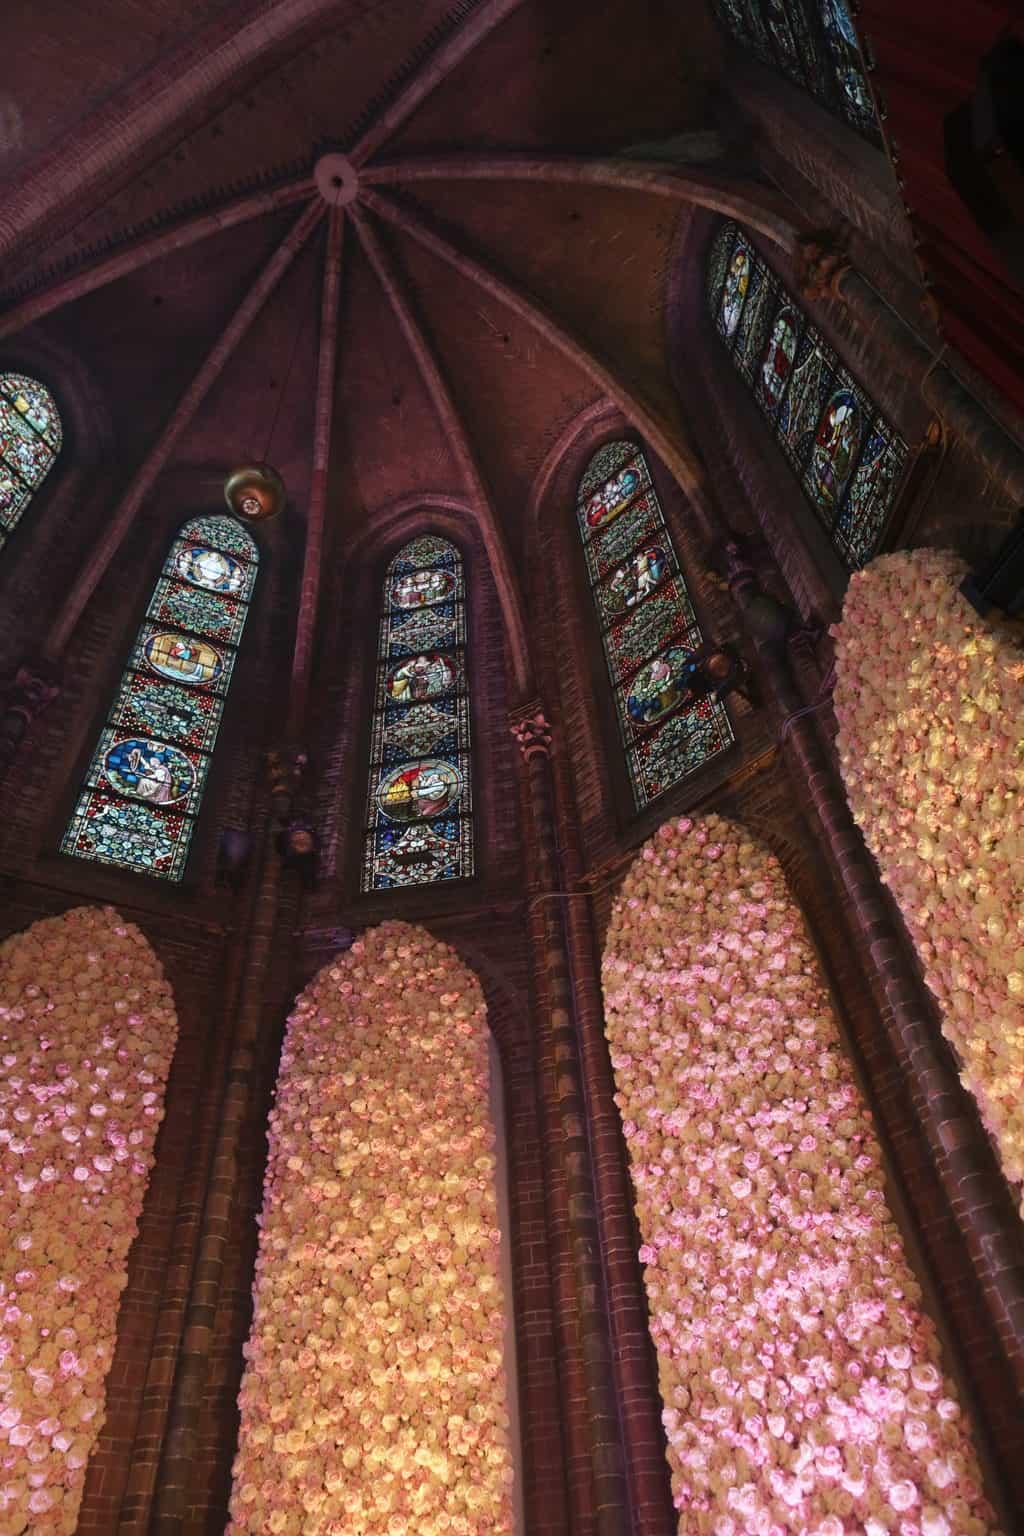 Wedding en Planning | weddingplanner | trouwen in de Vondelkerk | winterwedding | trouwen en feesten in een kerk | trouwen in amsterdam | flowerwall | rozenwand | fotocredits Karen KaperJPG